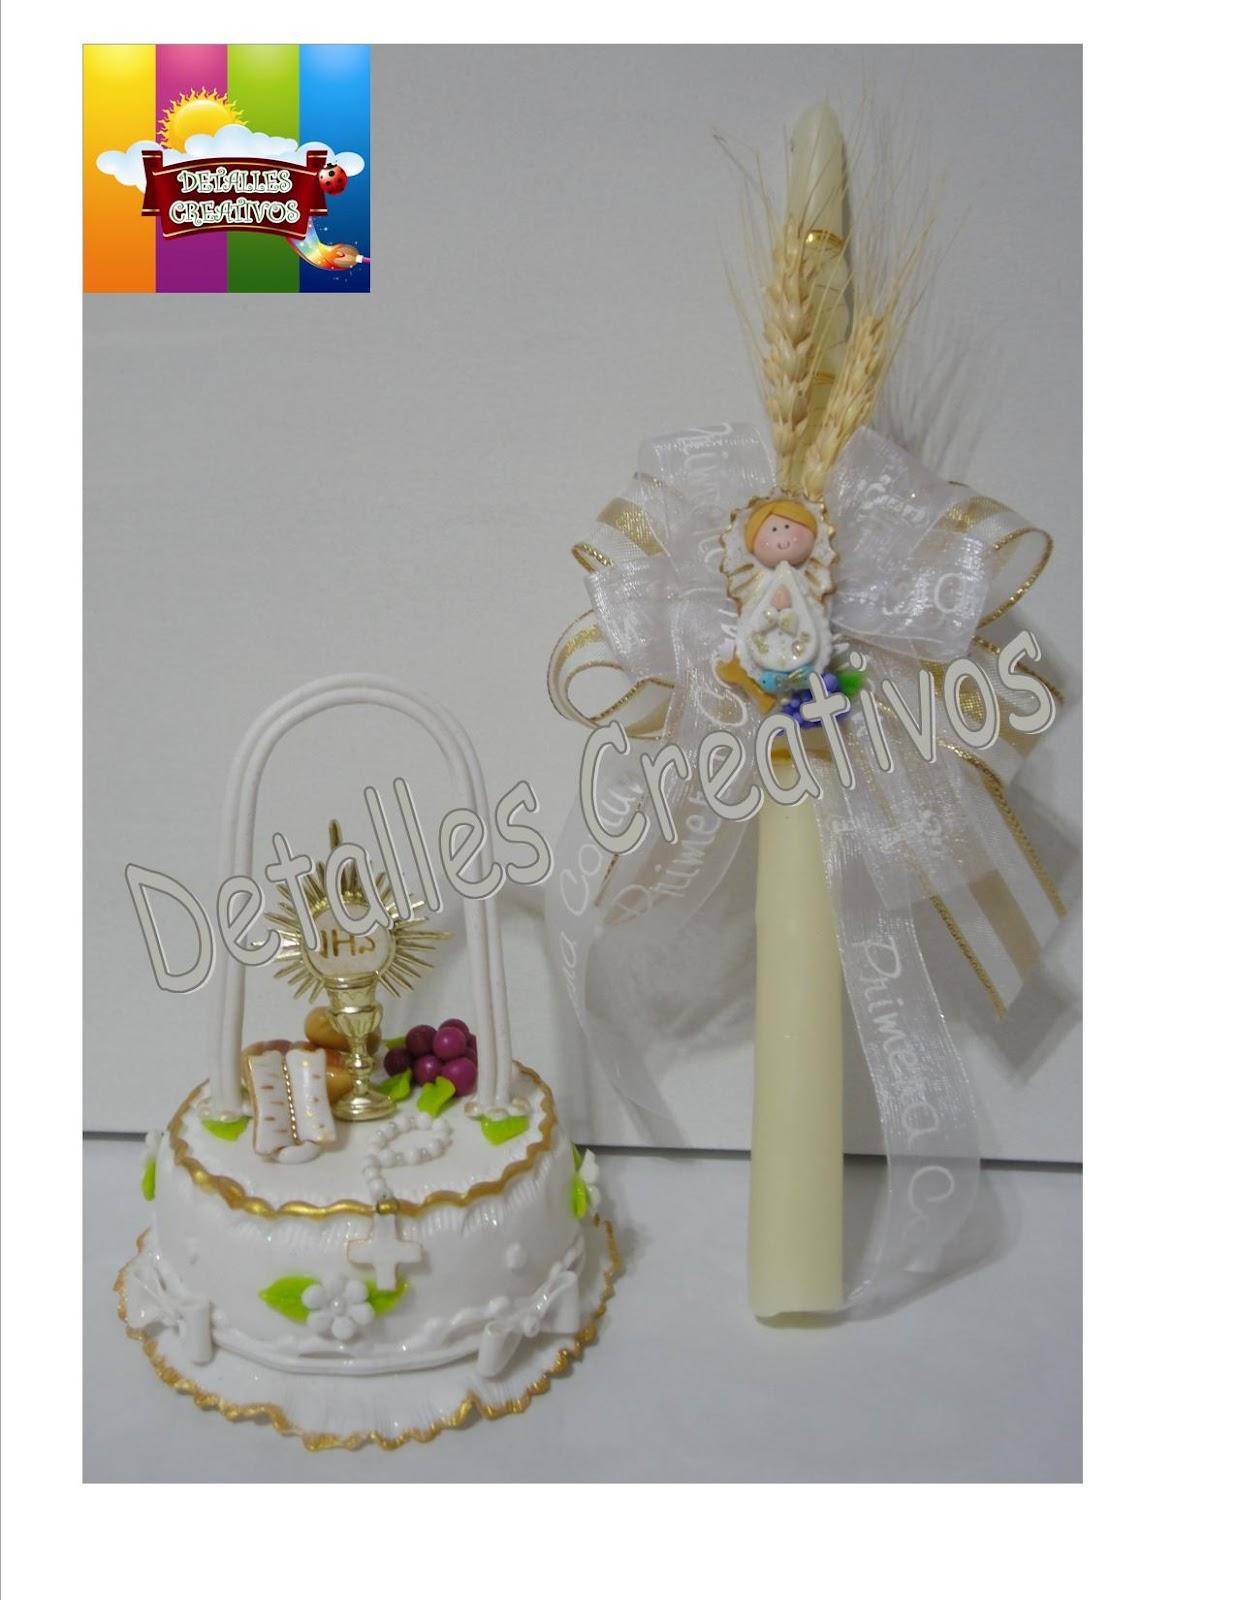 detalles y recuerdos de primera comuni 243 n hechos por ti misma muy facil diy handbox craft caja de fresas decorada y recuerdos para comunion caja de fresas decorada y recuerdos para